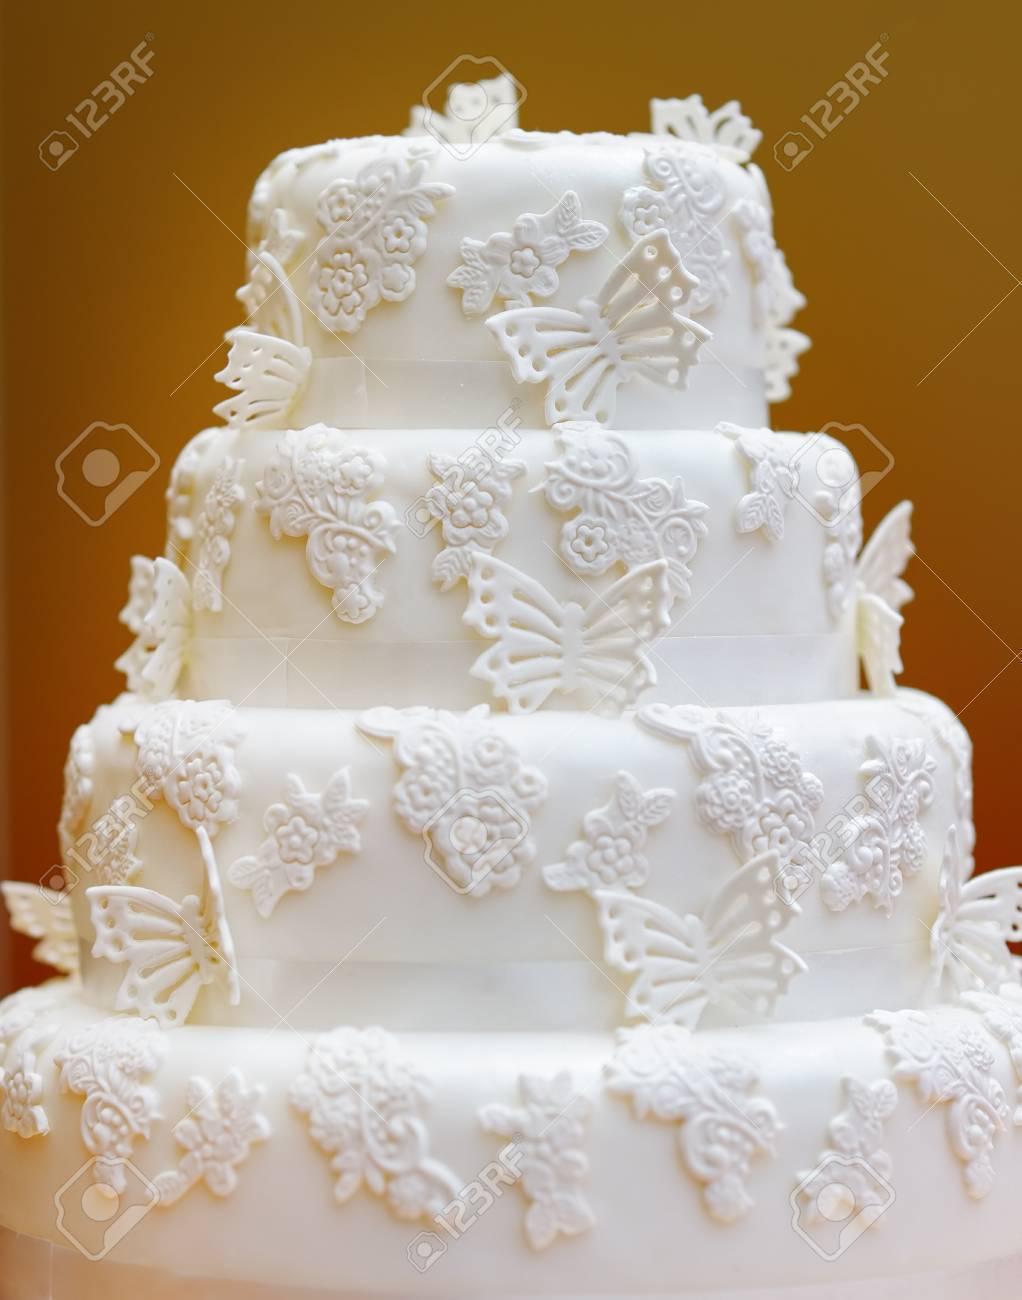 Délicieux Gâteau De Mariage Blanc Orné De Papillons